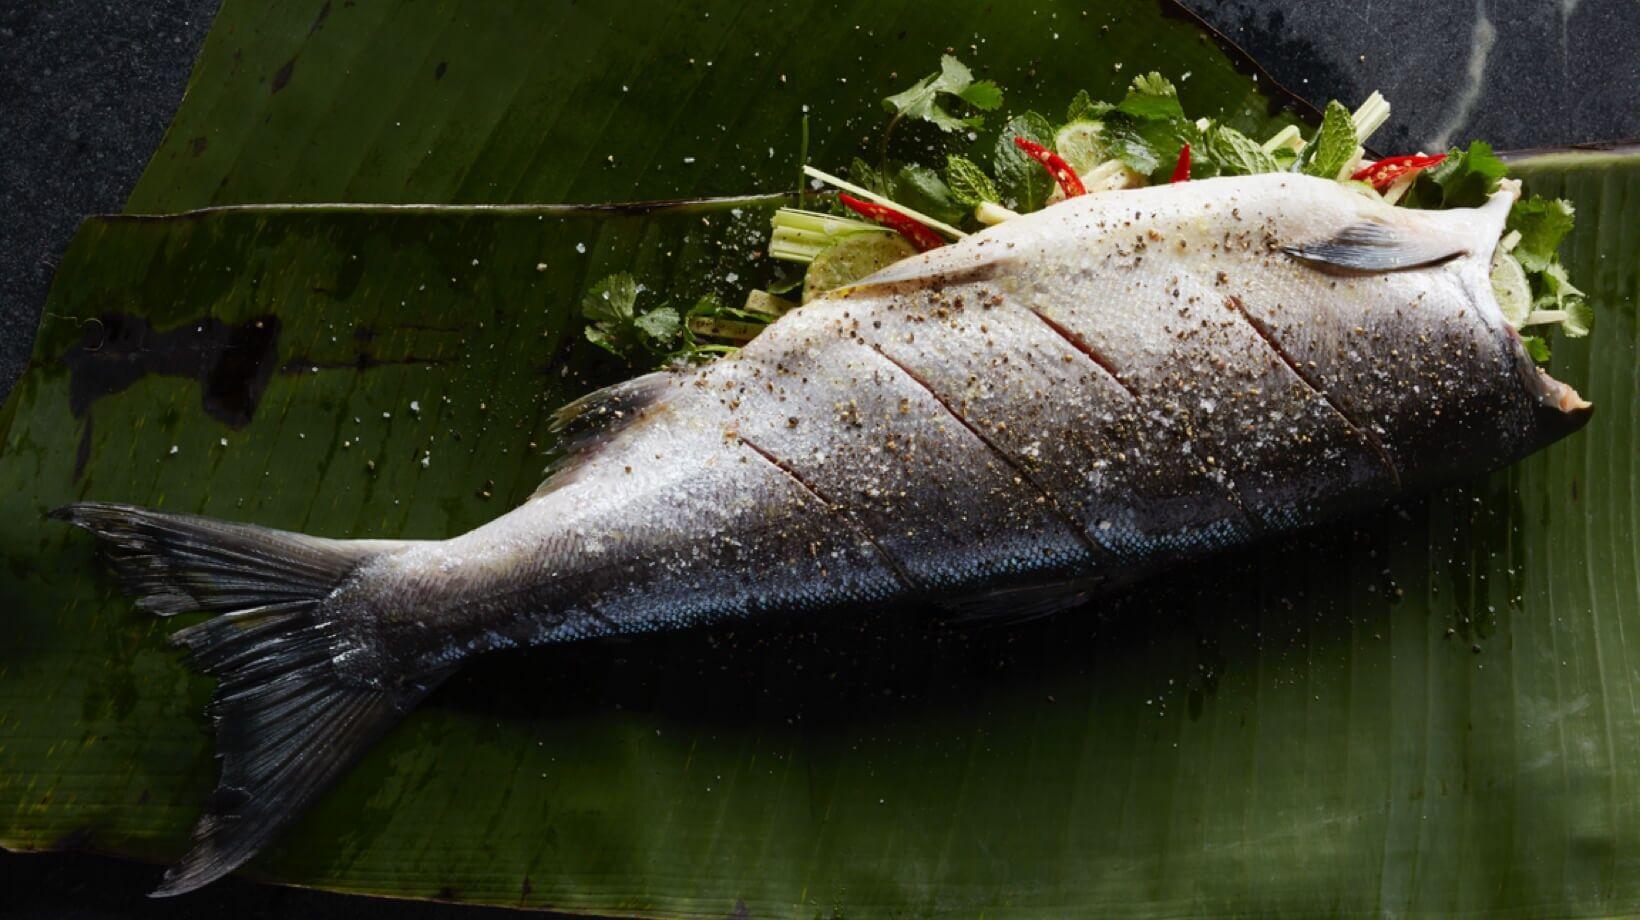 ТОП-3 літніх гриль-рецепта з дикої риби Аляски